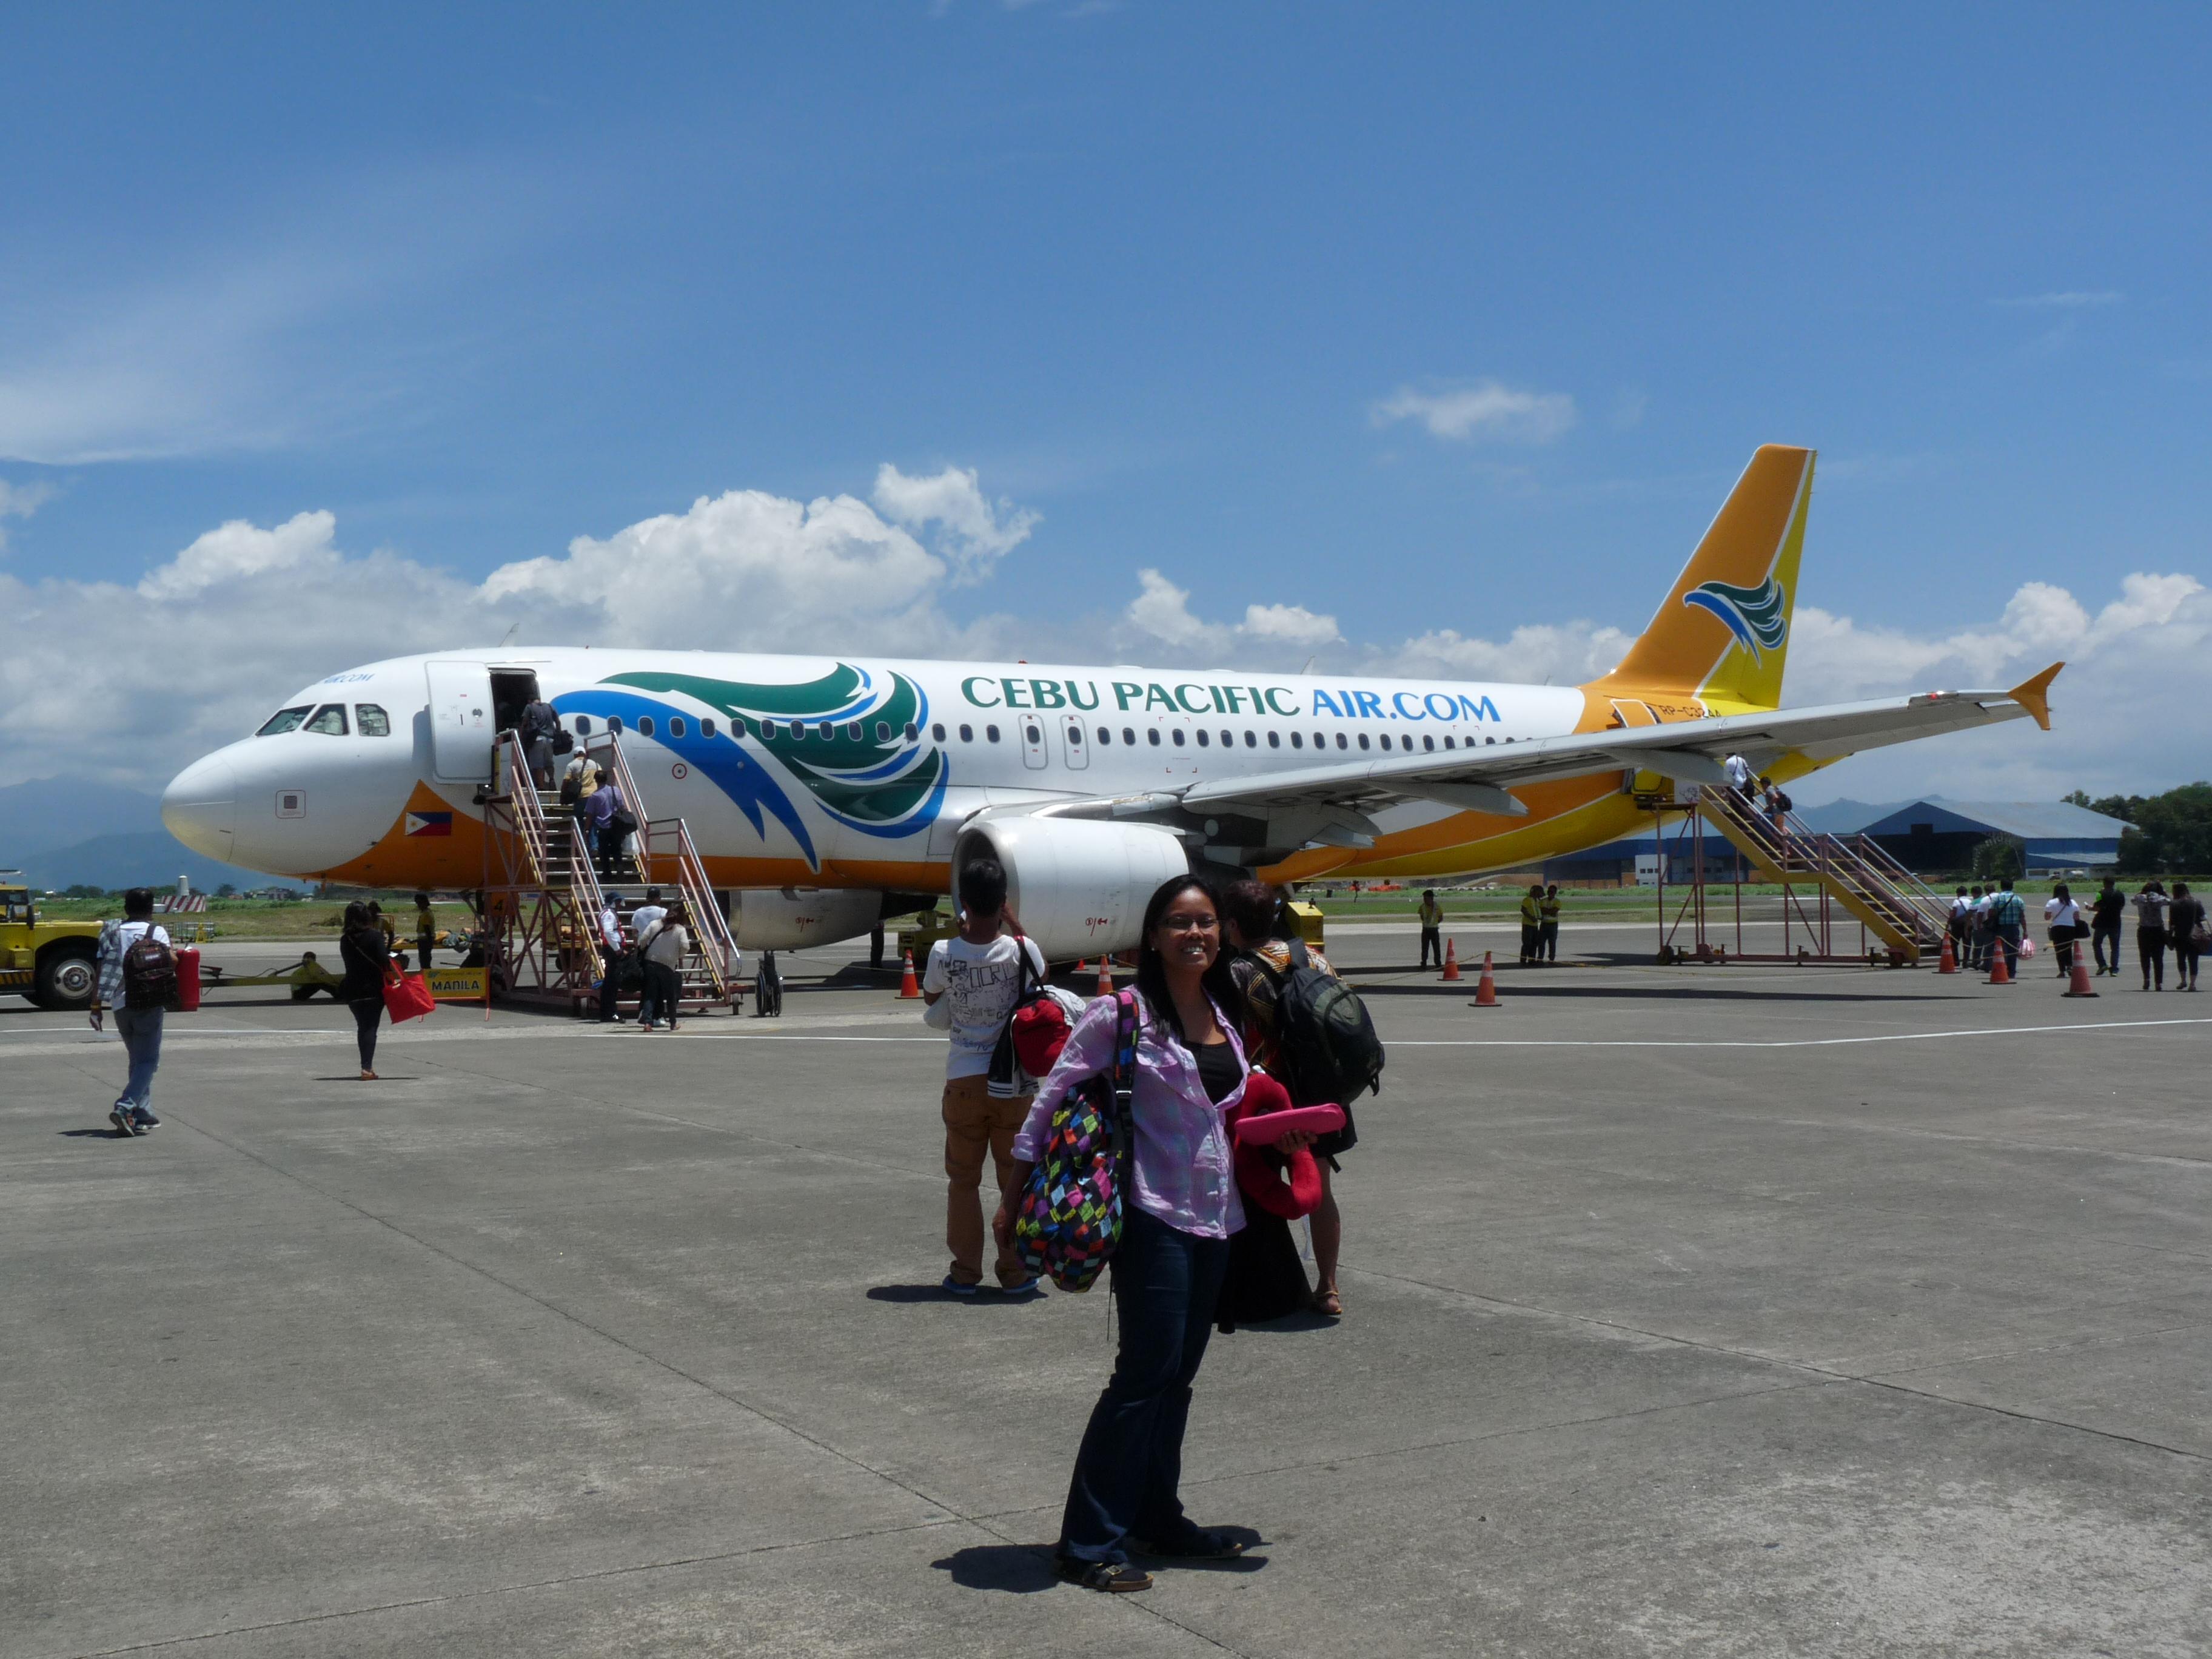 Cestopis – Cesta z Manily do Prahy přes Dubaj s Cebu Pacific